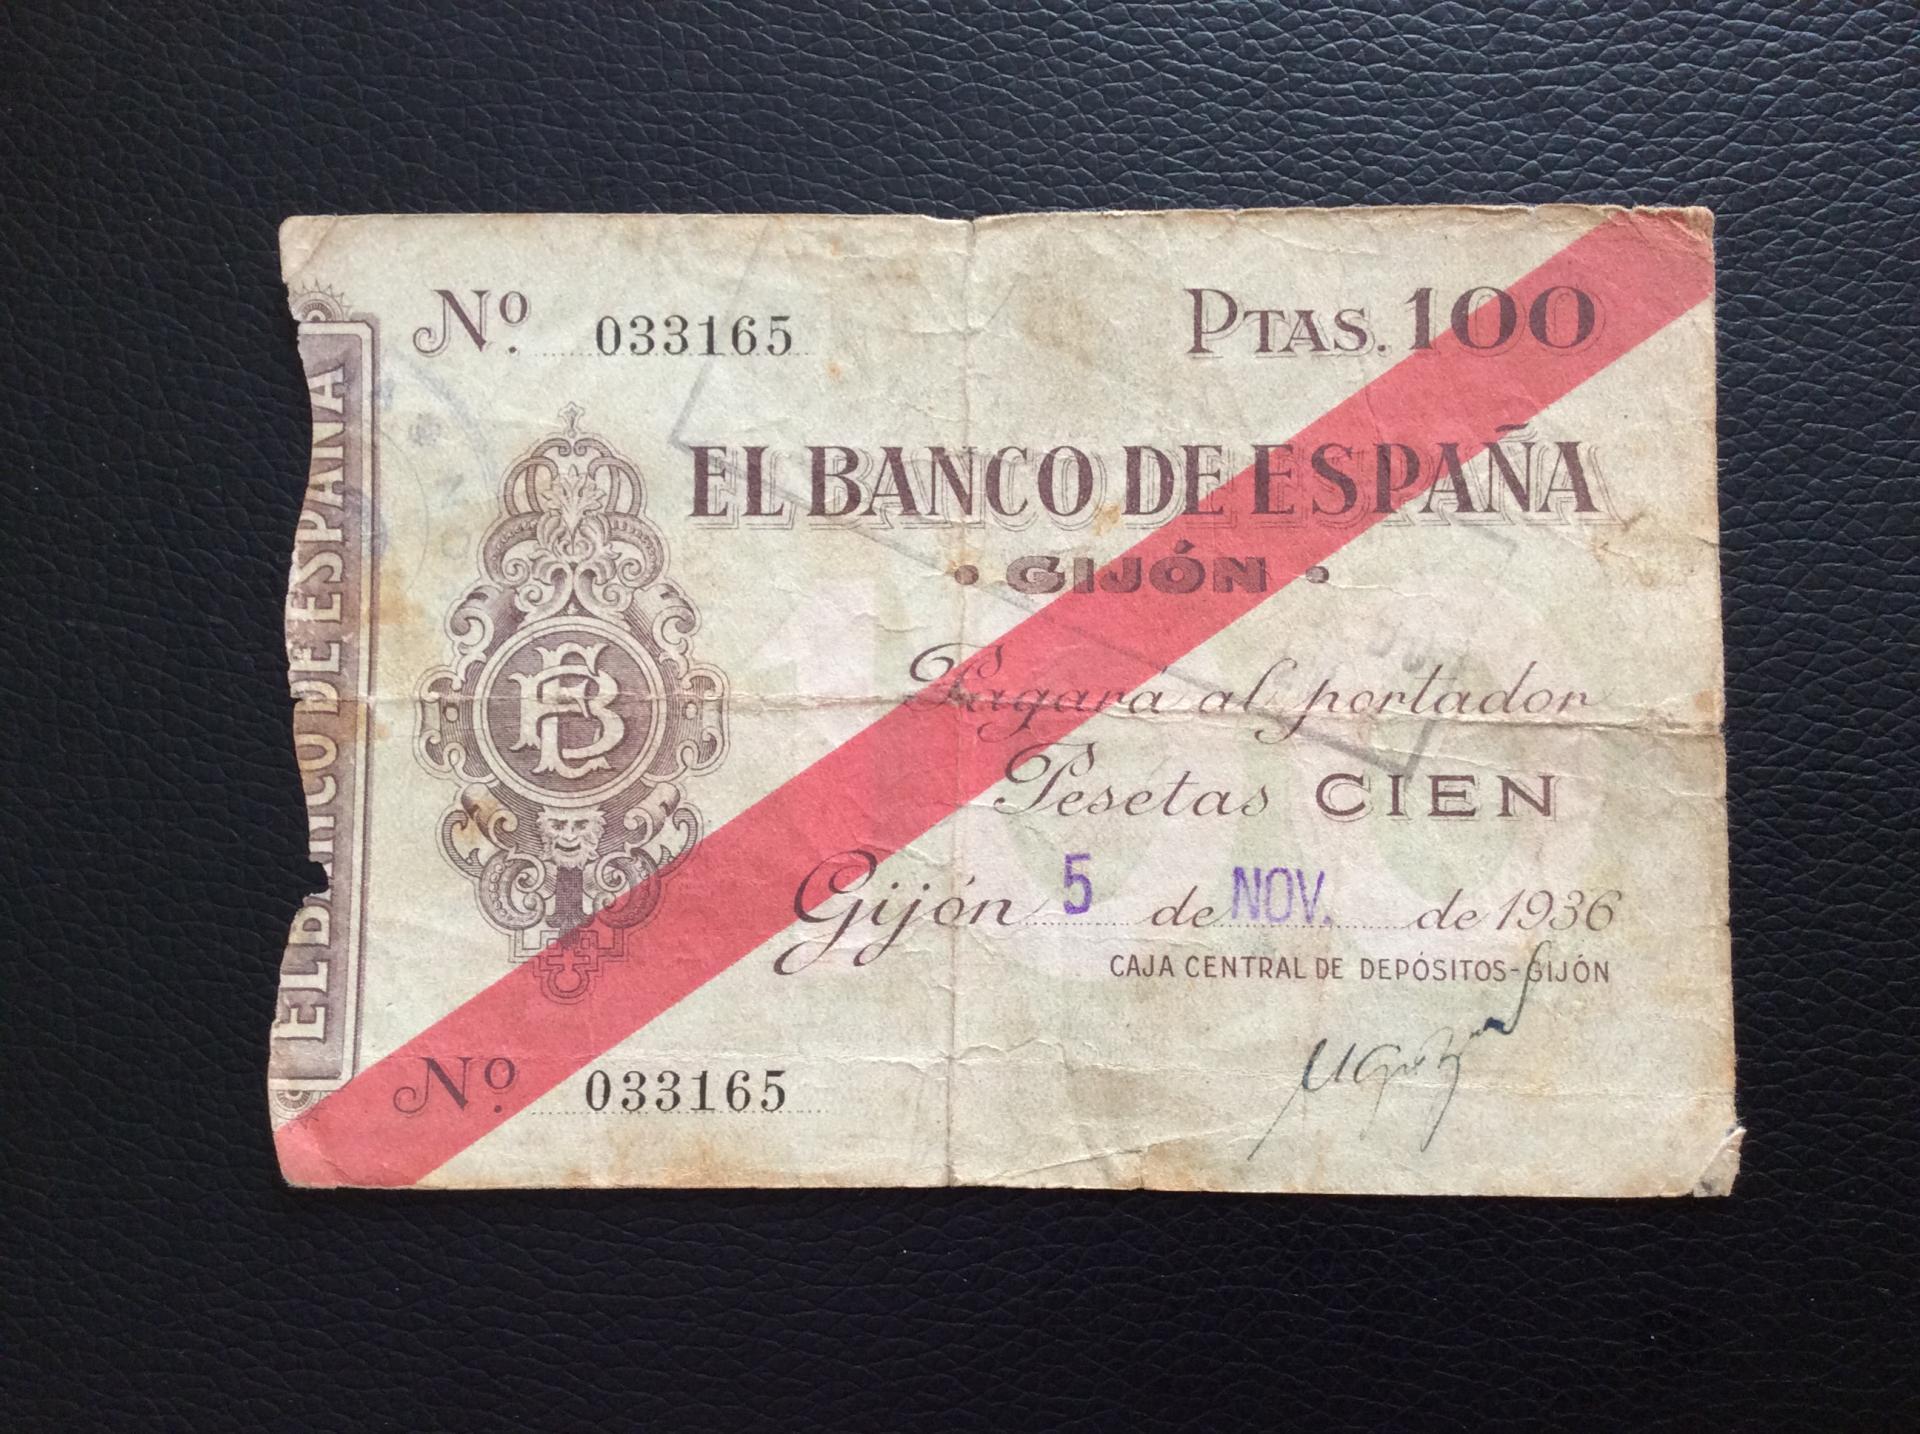 100 PESETAS 1936 - BANCO DE ESPAÑA GIJÓN